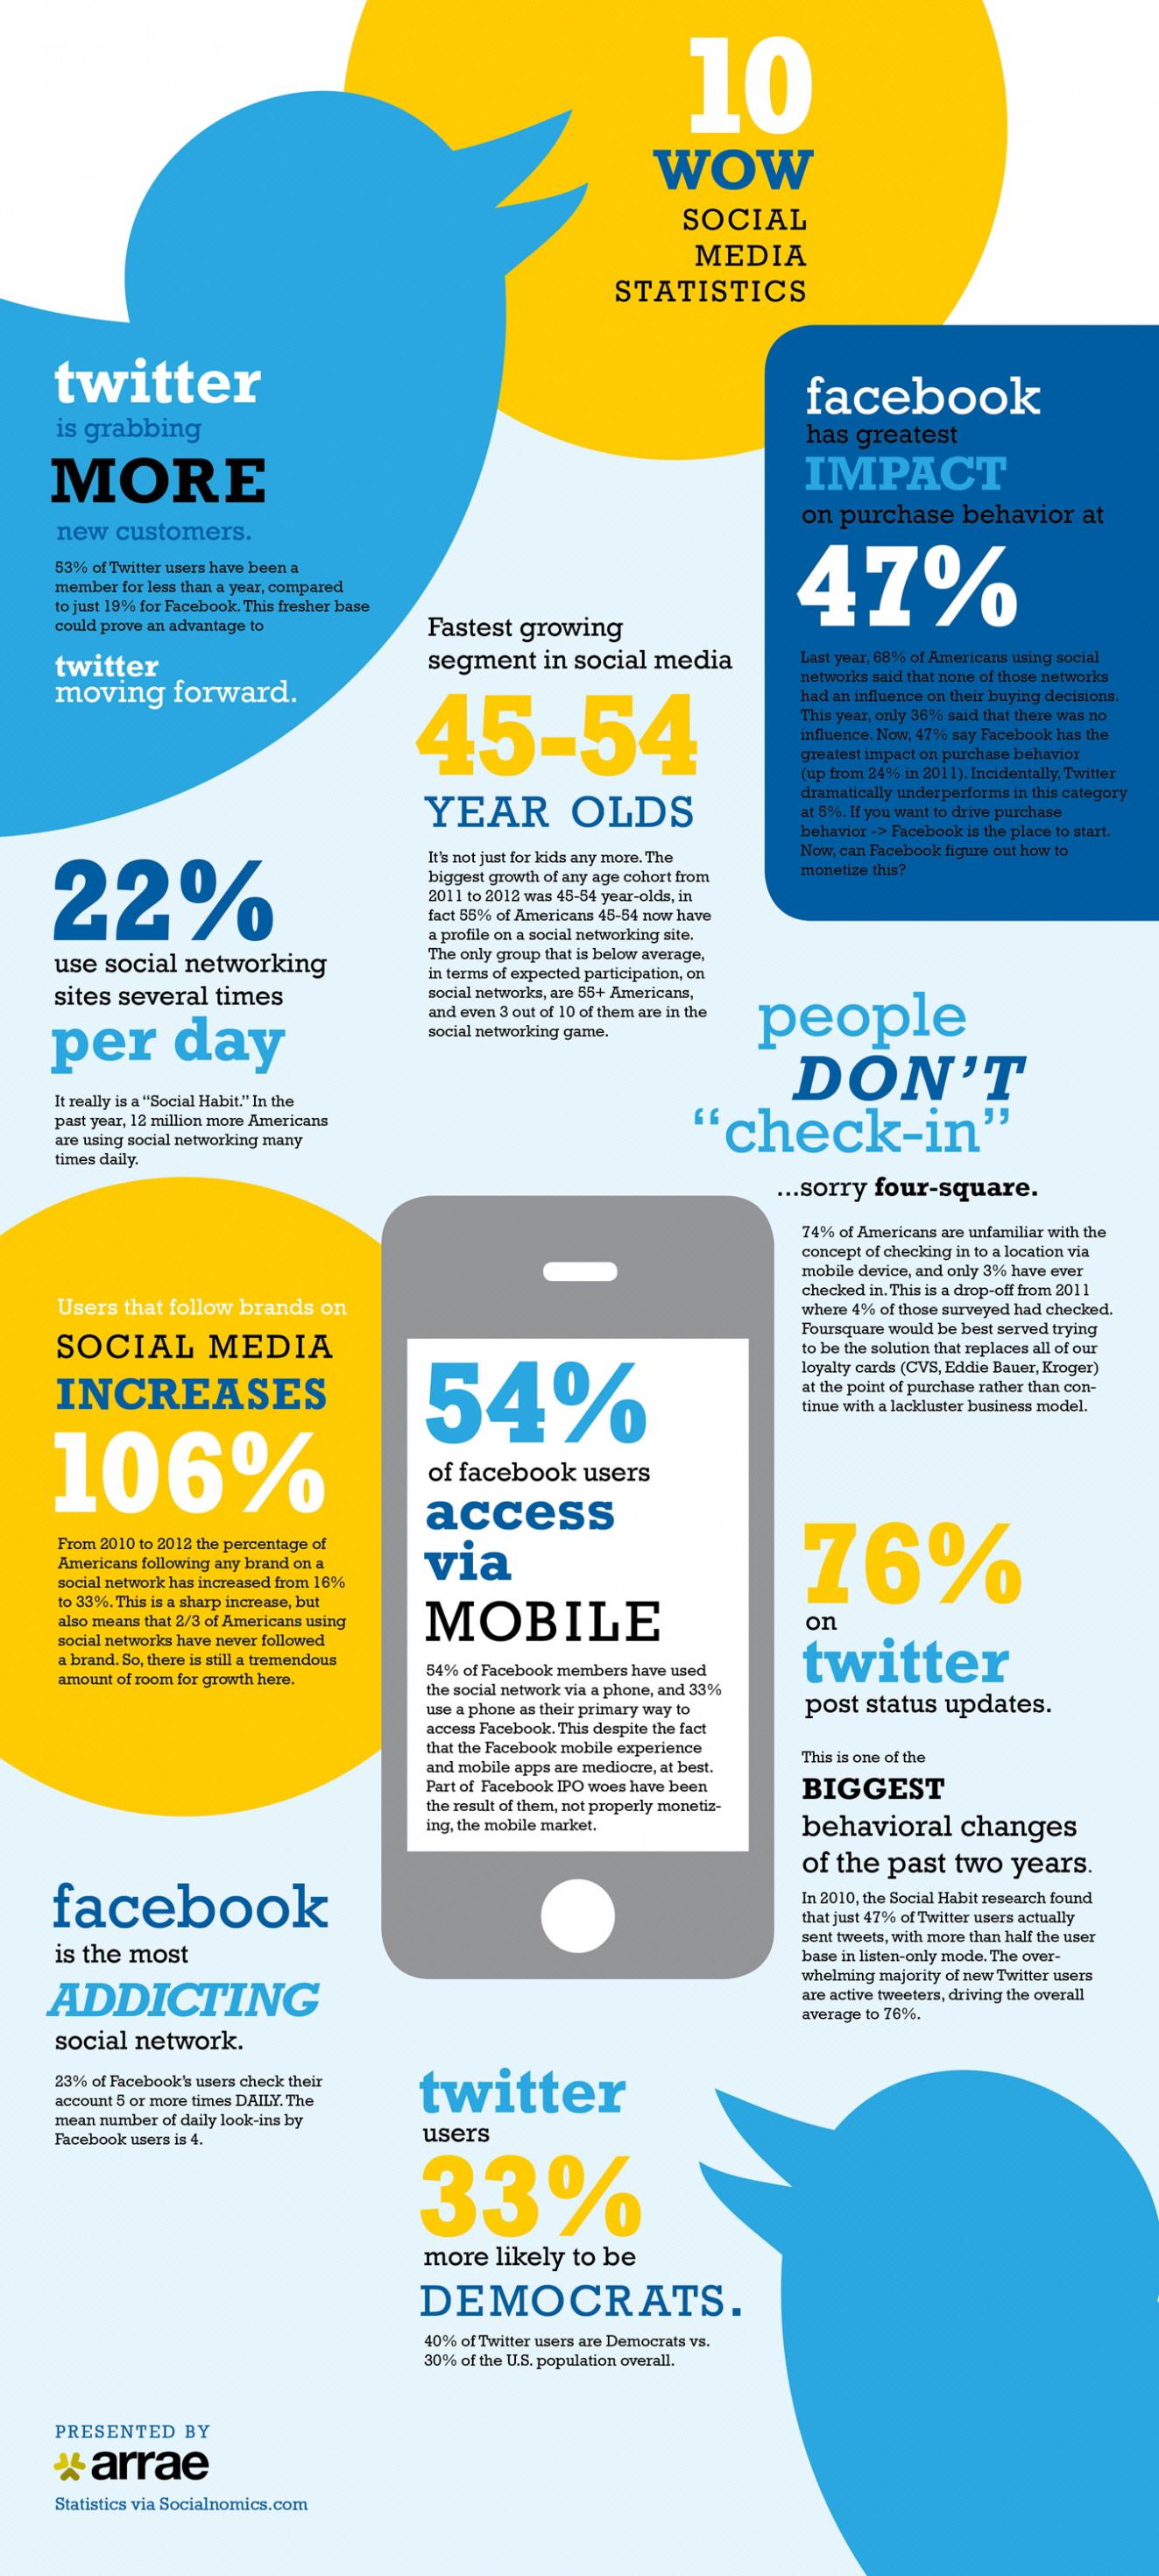 Şaşırtıcı Sosyal Medya İstatistikleri